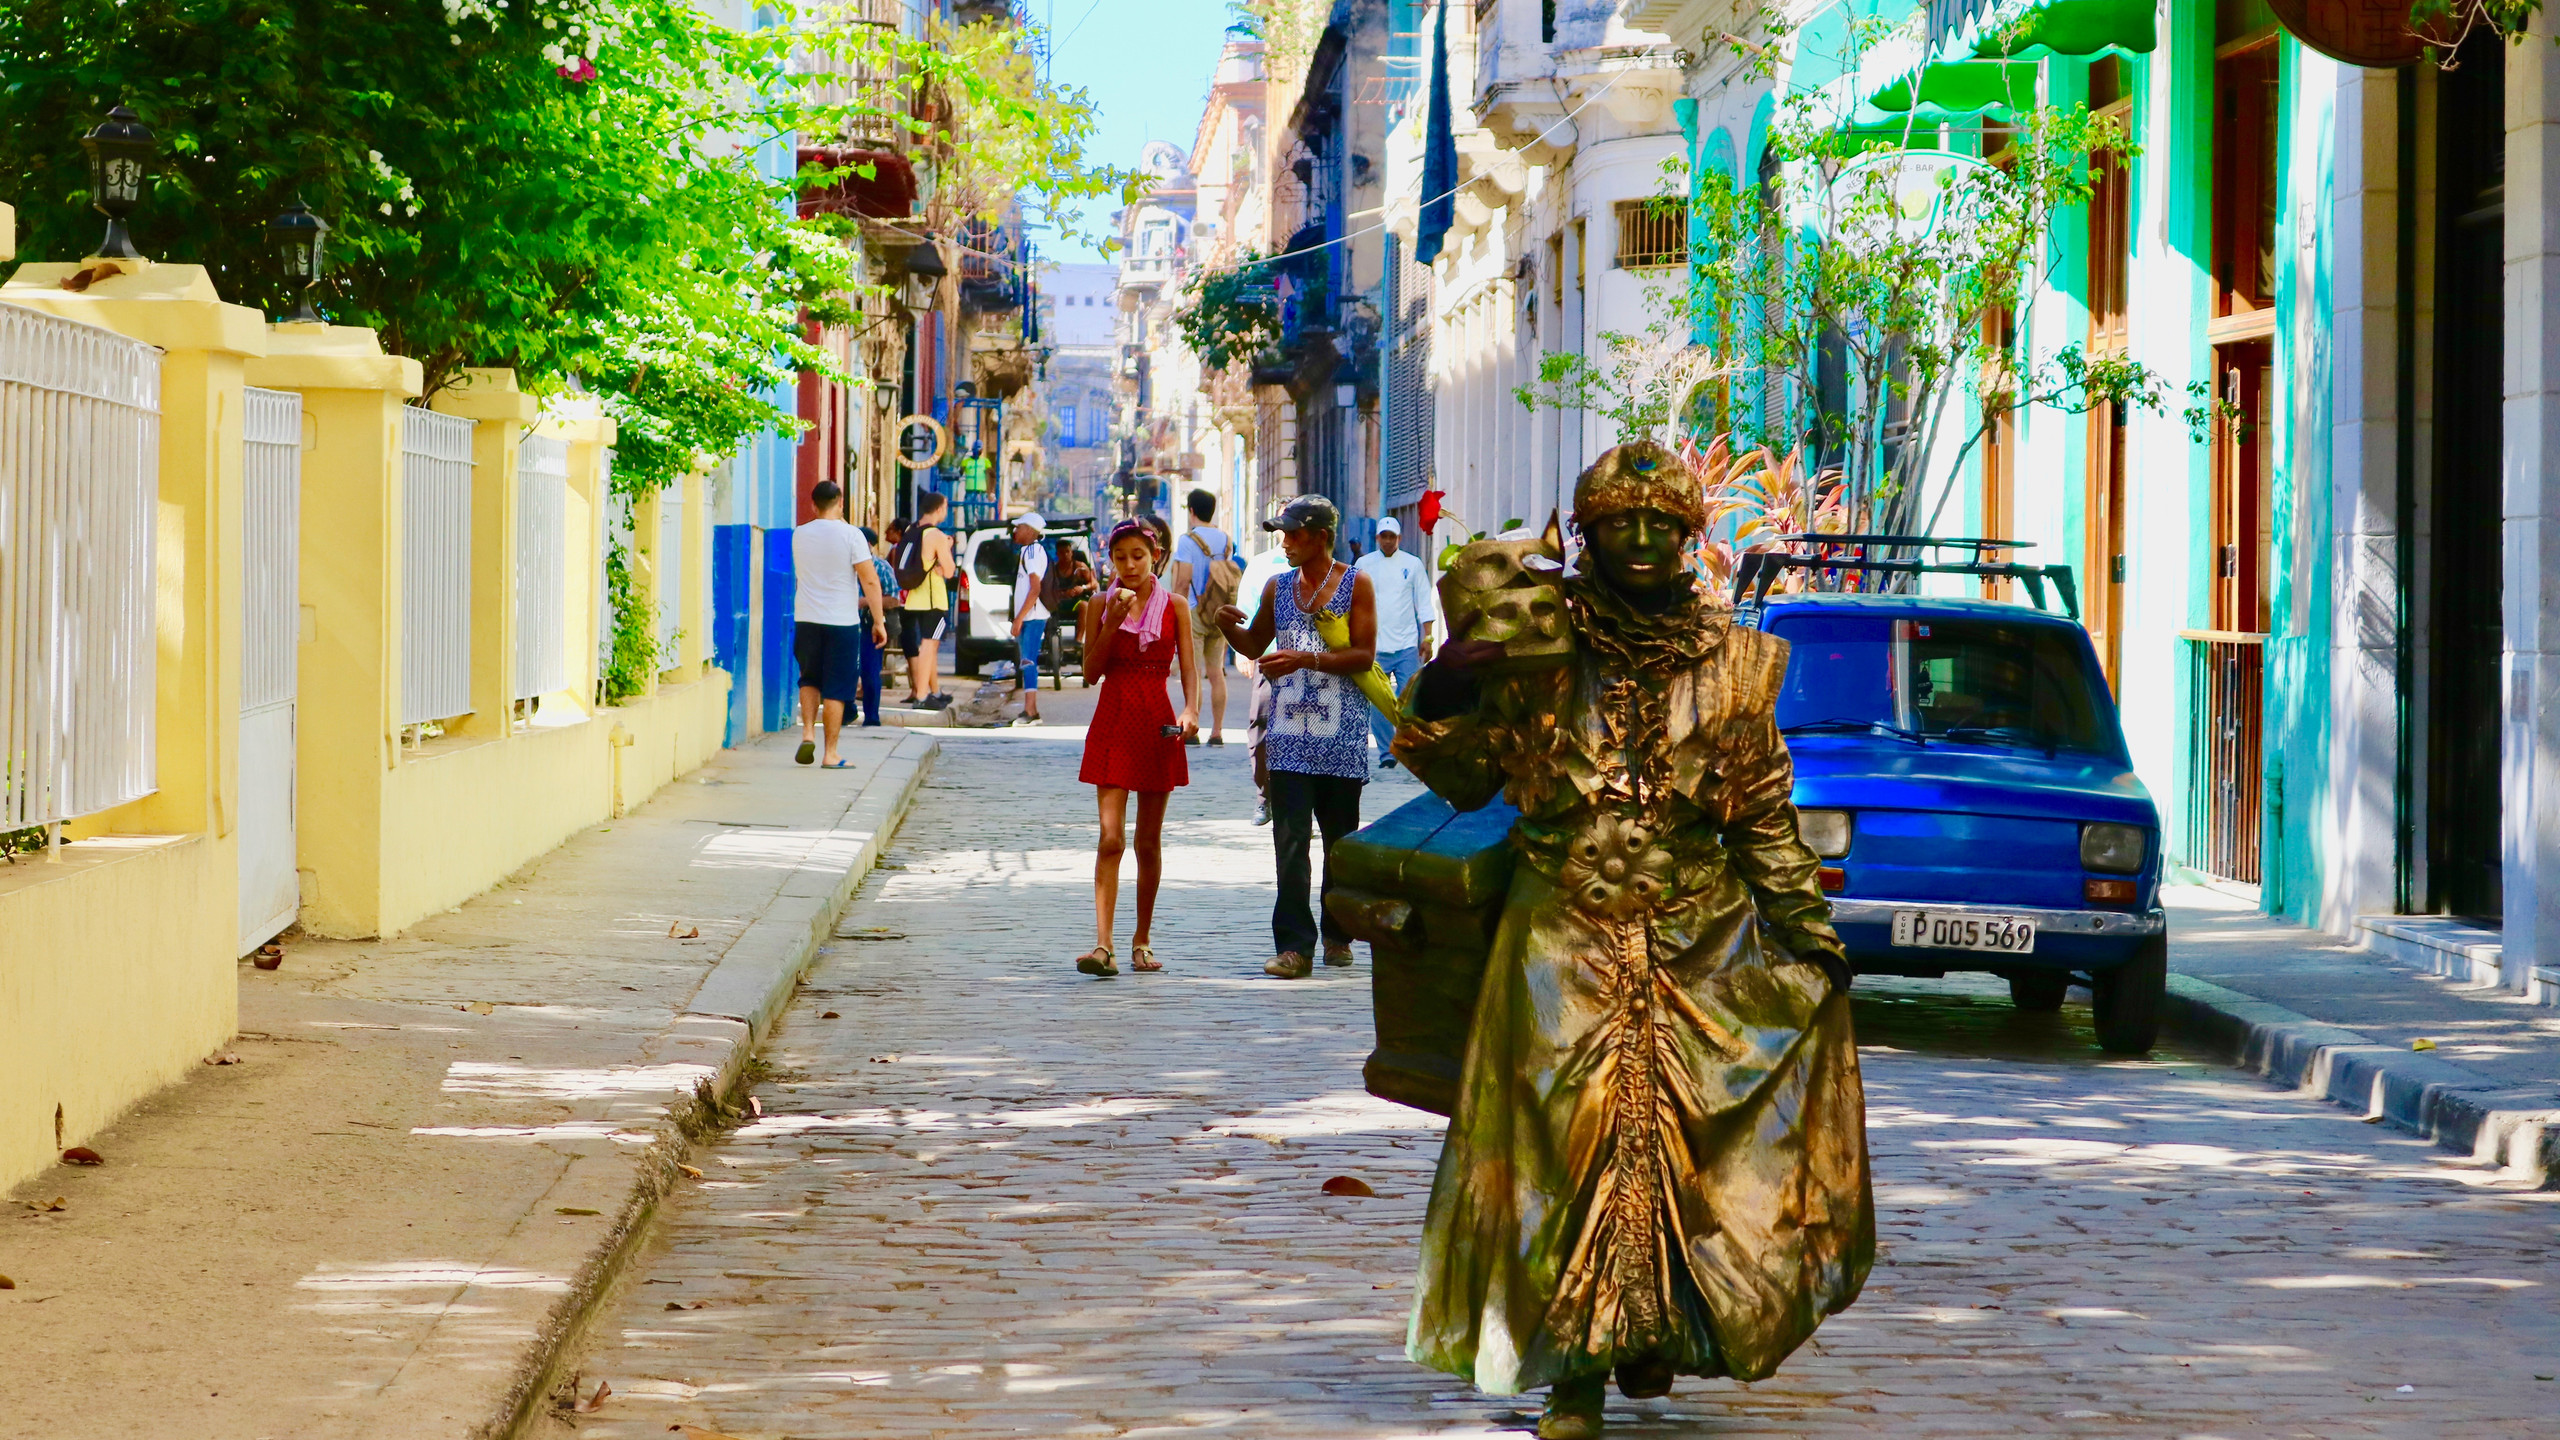 Golden living statue walking down a cobblestone street in Old Havana.